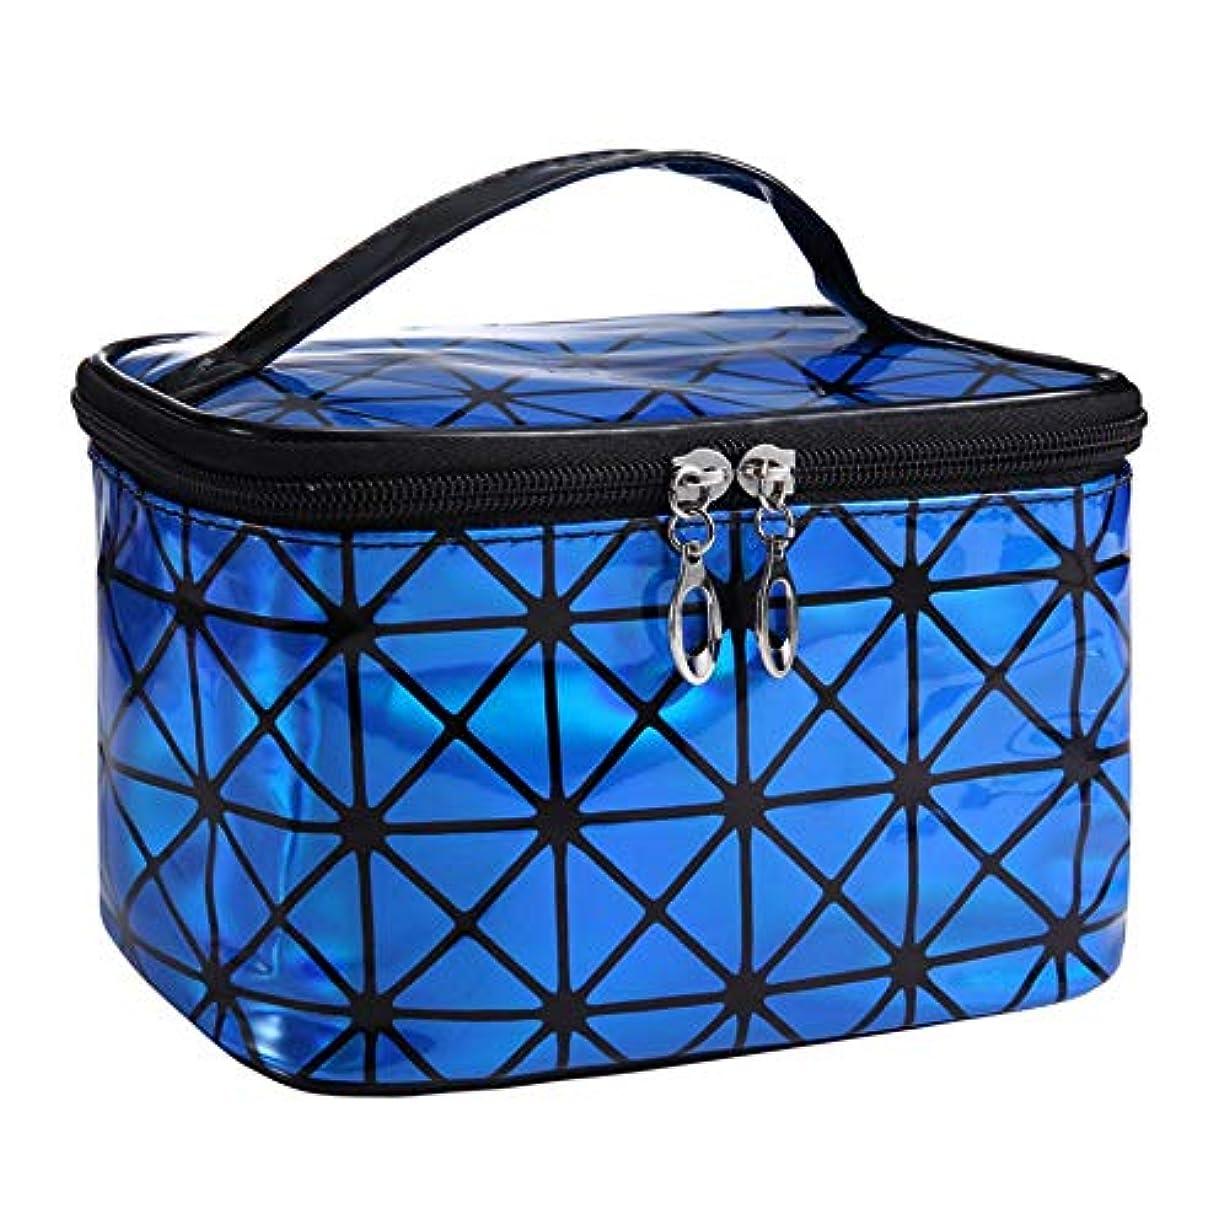 着飾るカーテンきょうだいCUHAWUDBA ブルー機能化粧品バッグ女性ファッションPuレザー旅行メイクアップ必需品オーガナイザージッパー化粧ケースポーチトイレタリーキットバッグ